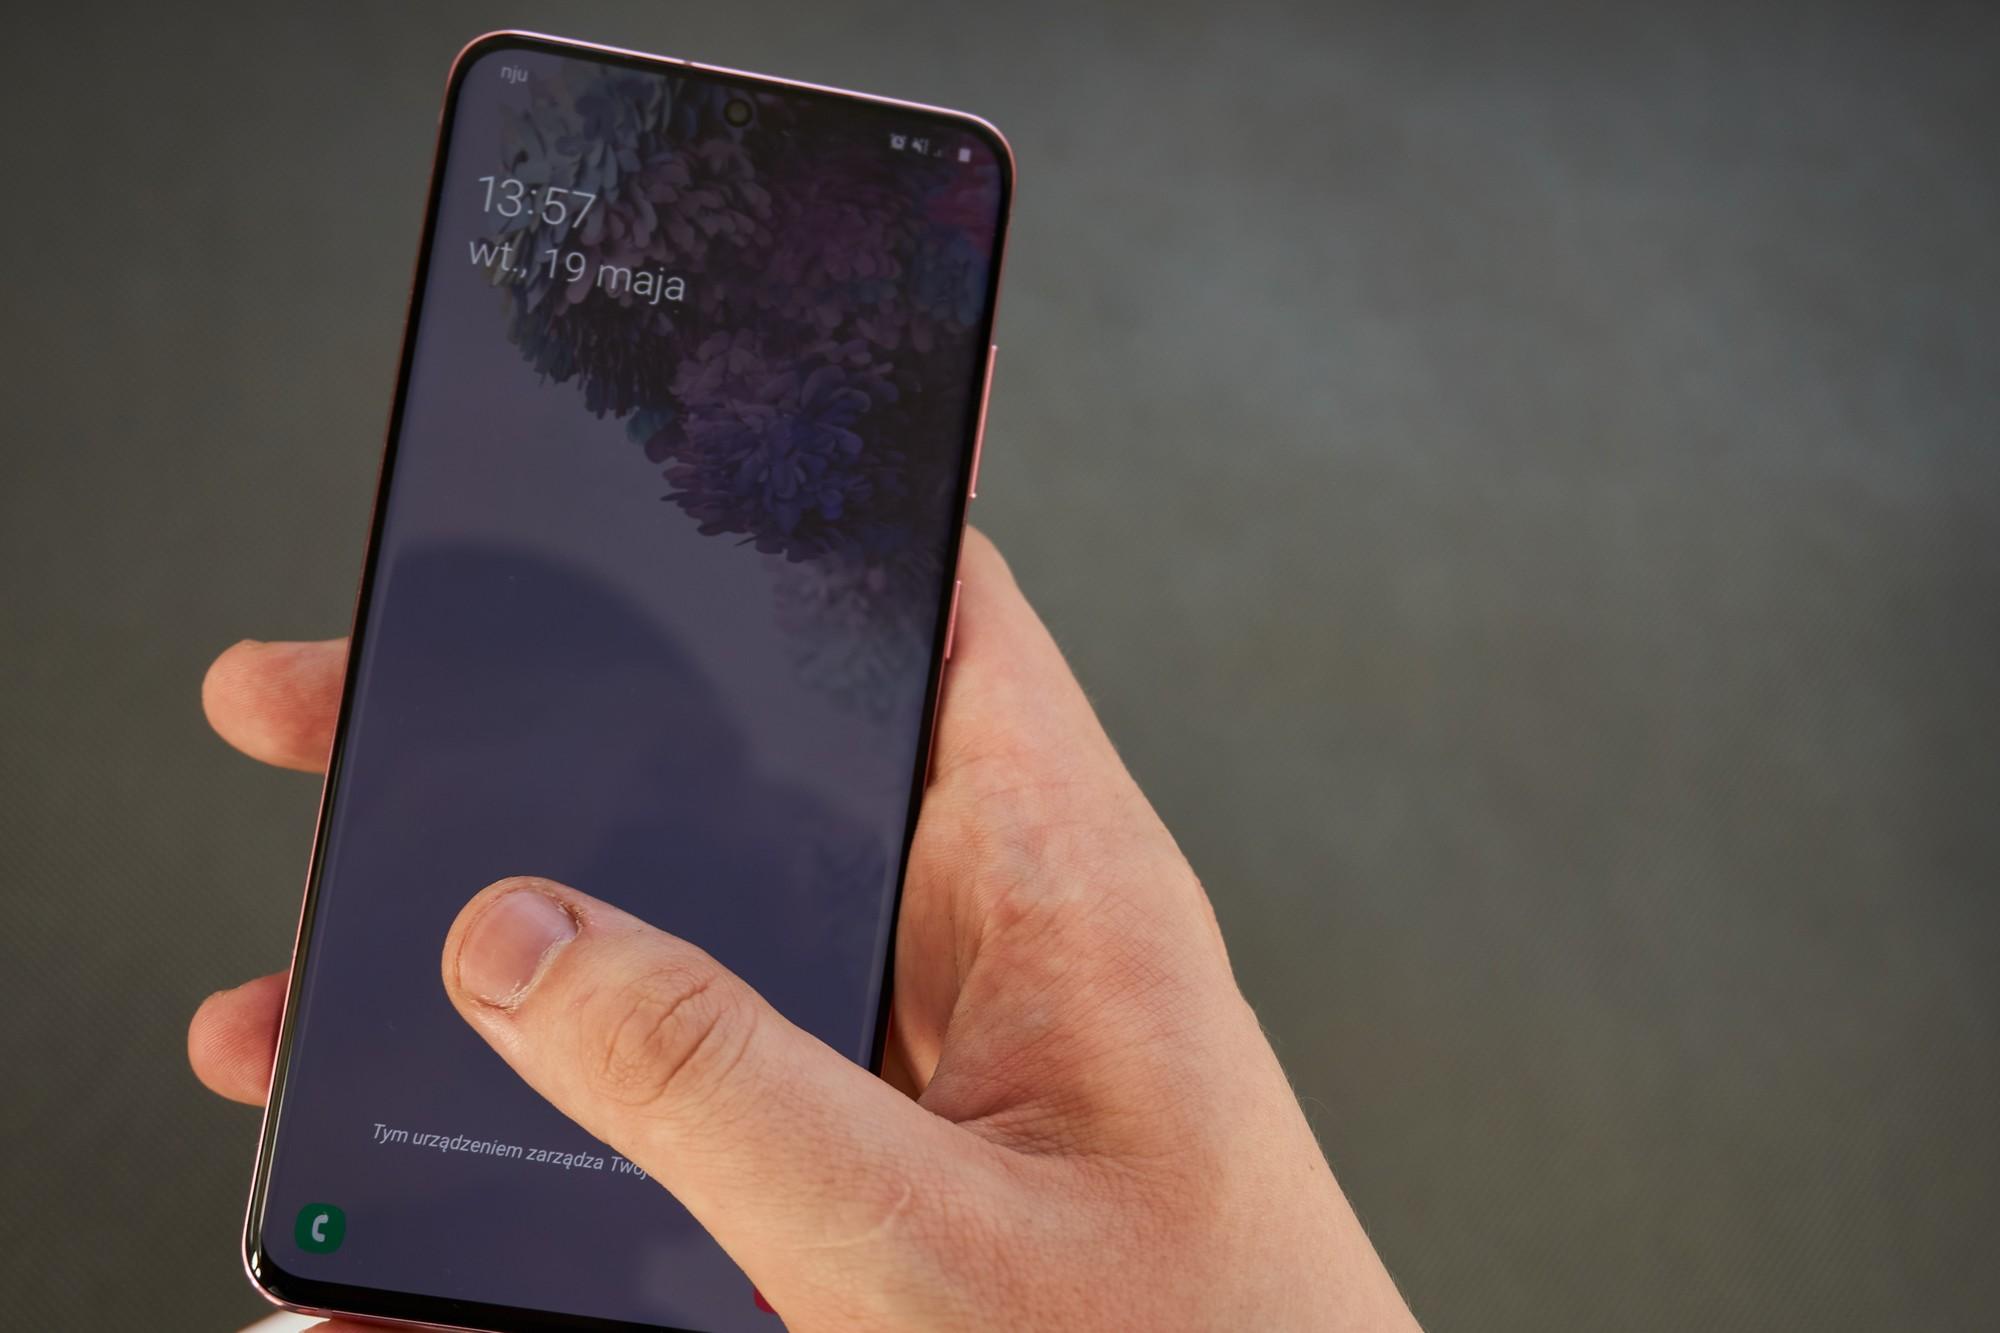 Samsung nie wykorzysta chińskich wyświetlaczy w Galaxy S30, bo oblały testy jakości 18